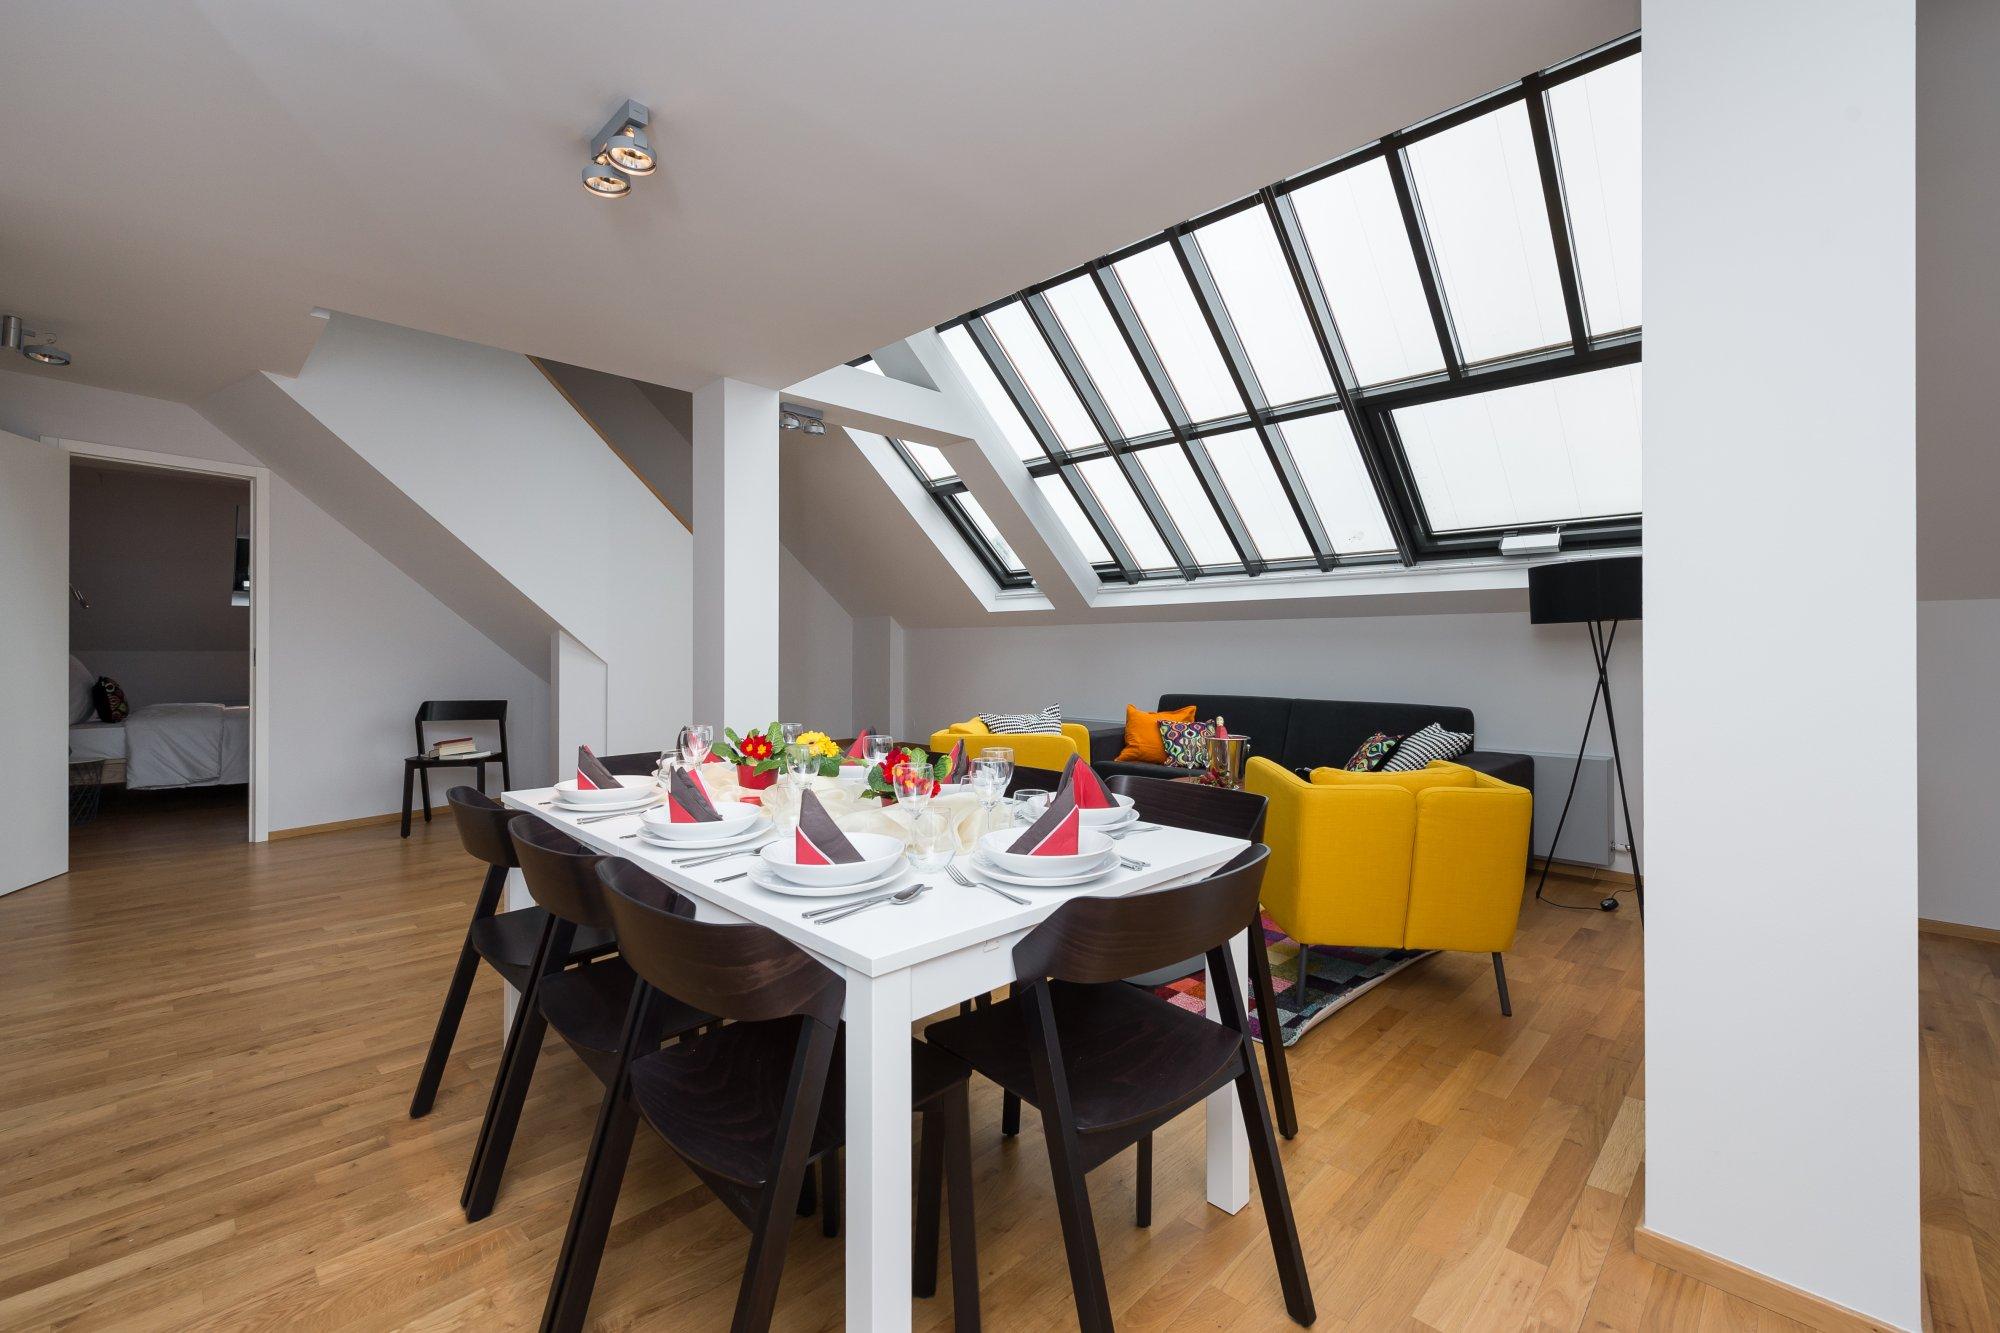 Půdní byt 3+kk, plocha 143 m², ulice Růžová, Praha 1 - Nové Město | 3